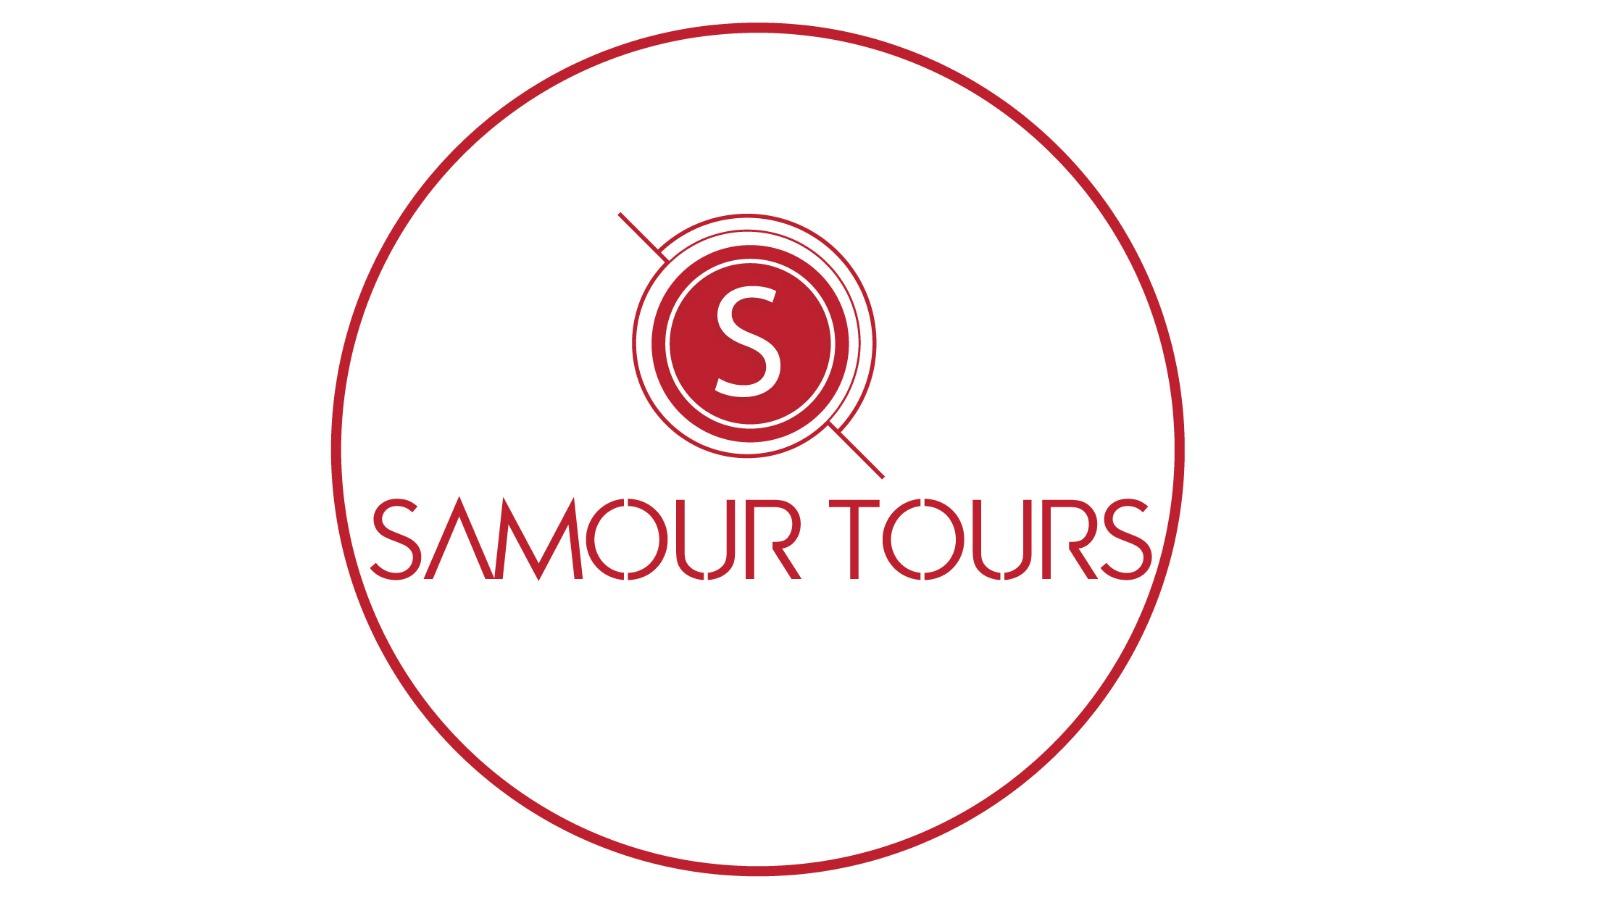 شركة سمور السياحية خدمات سياحية في تركيا